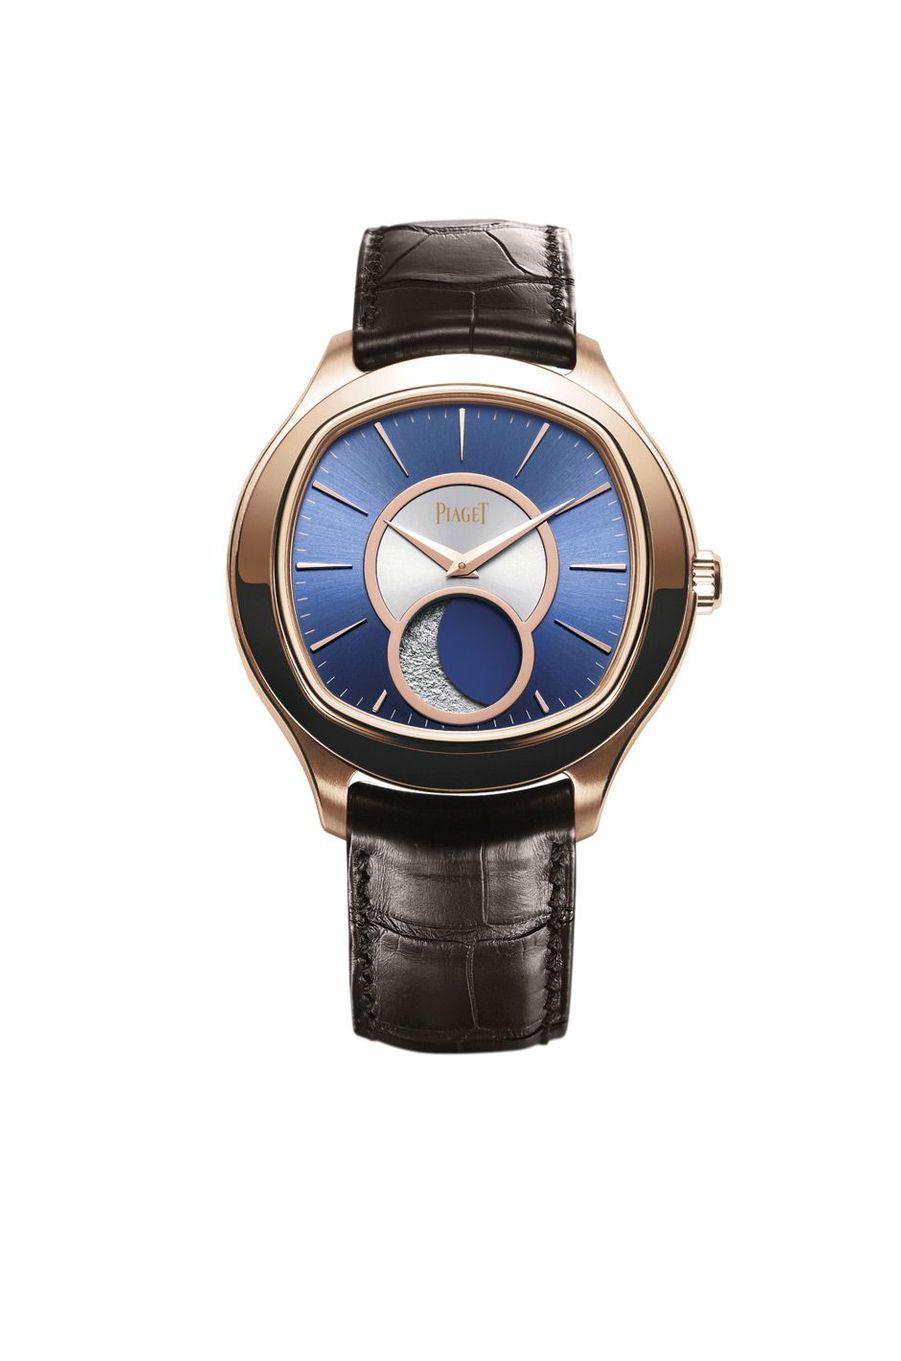 Emperador Coussin en or rose, 46, 5 mm, mouvement automatique, bracelet en alligator. 46 700 €. Piaget.